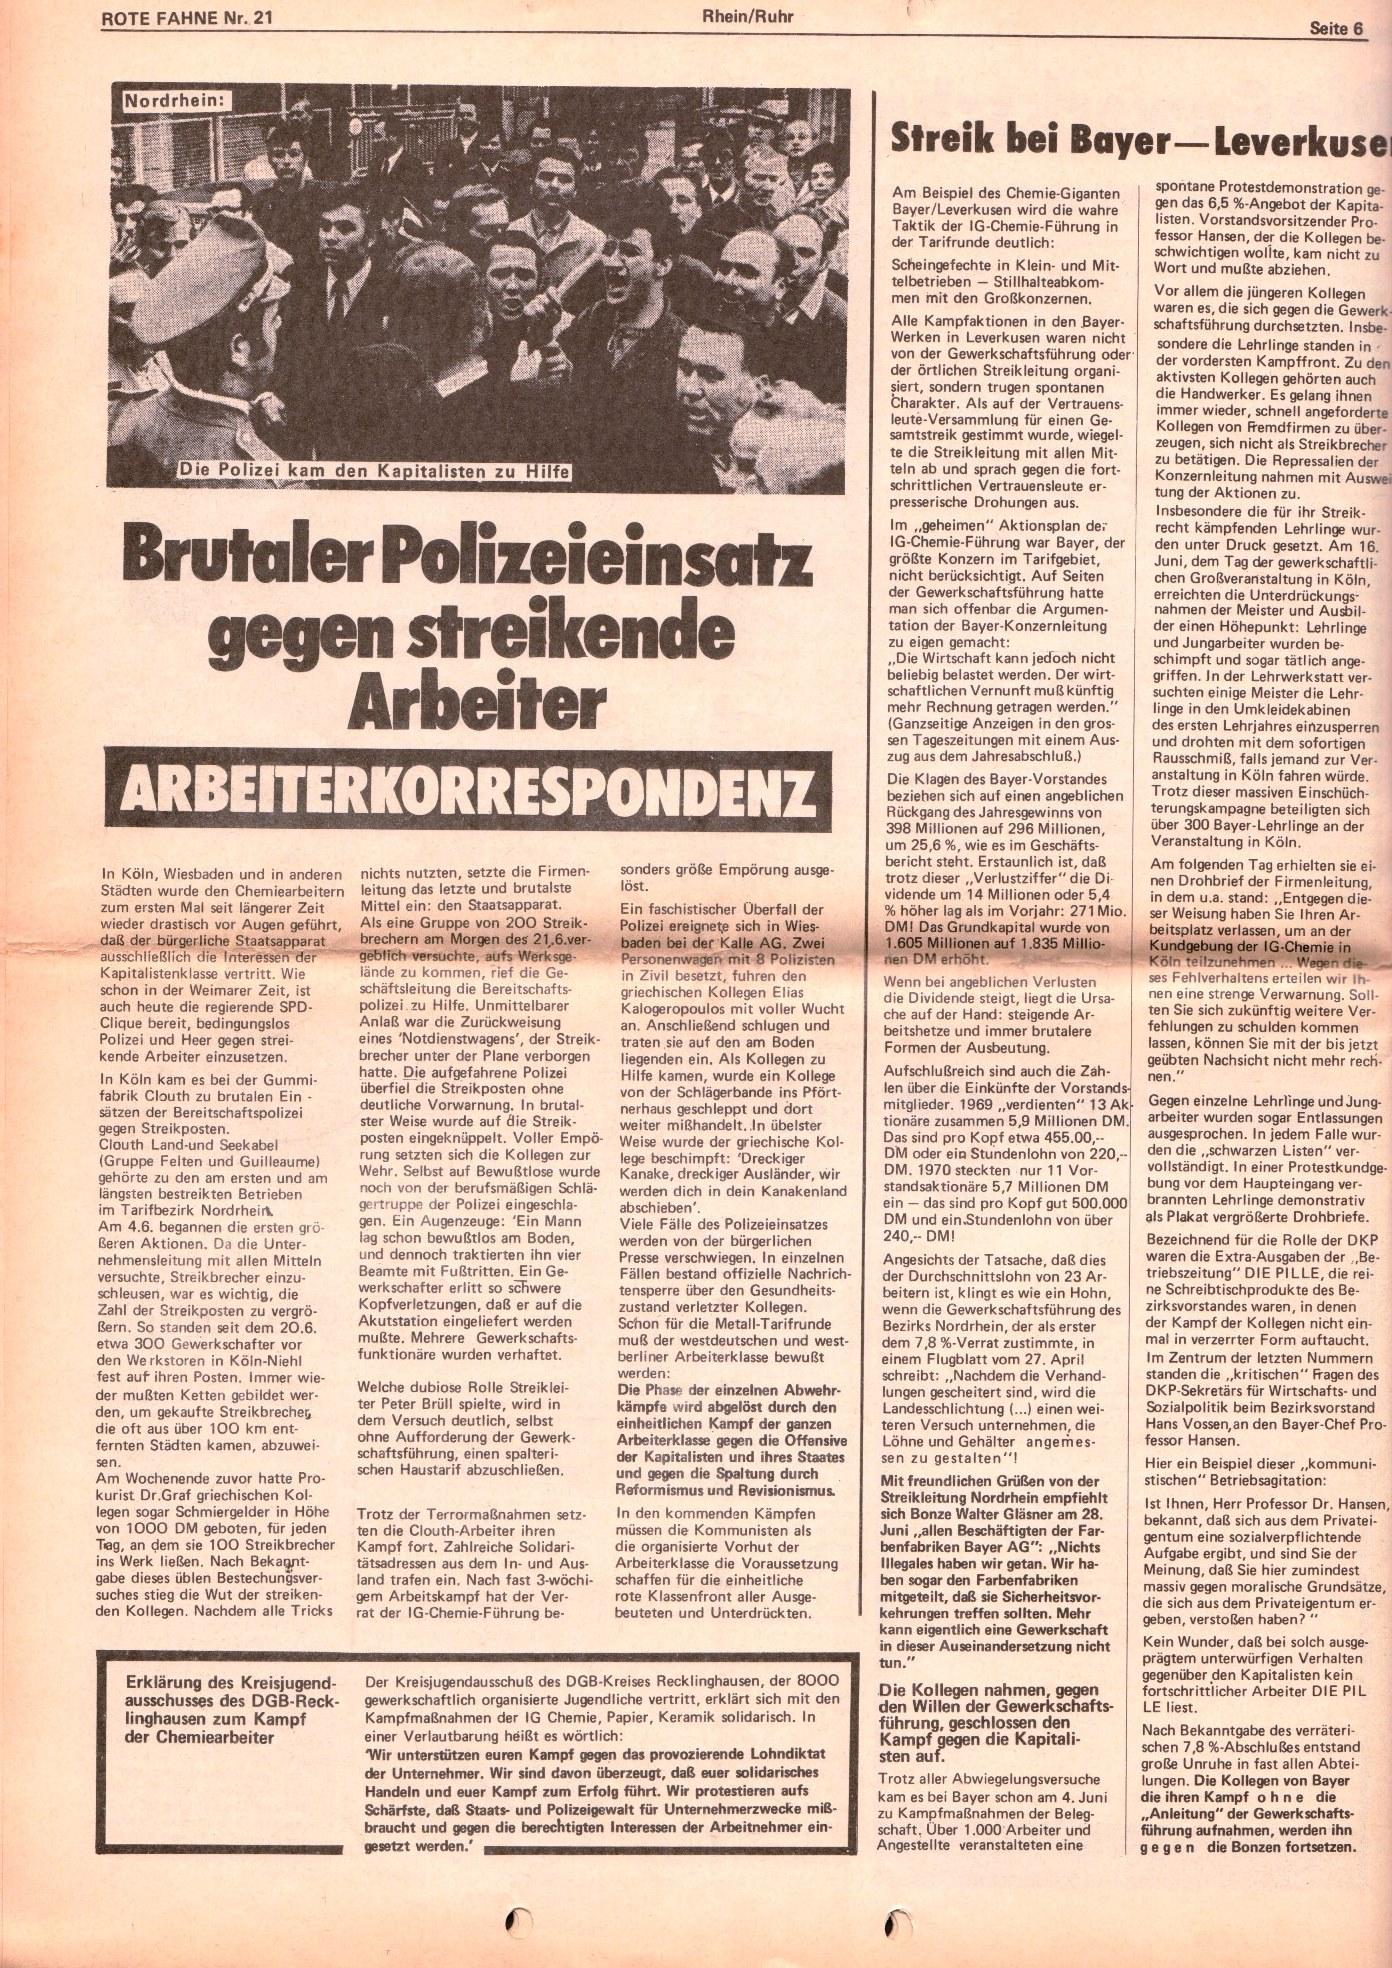 KPD_Rote_Fahne_1971_21_06